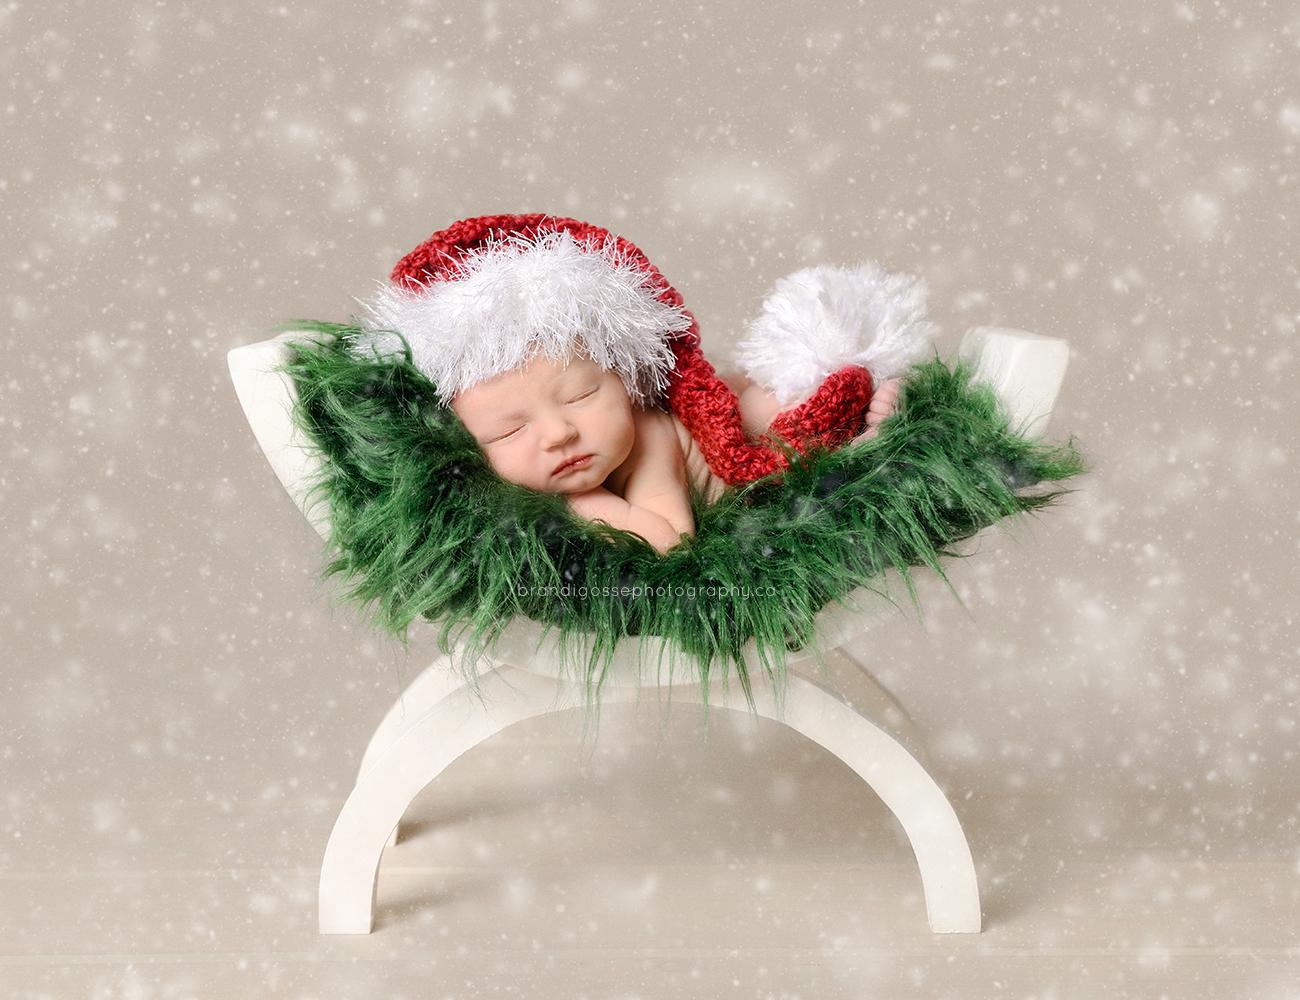 newborn baby christmas theme photo, best christmas baby portraits, newborn photographer NL